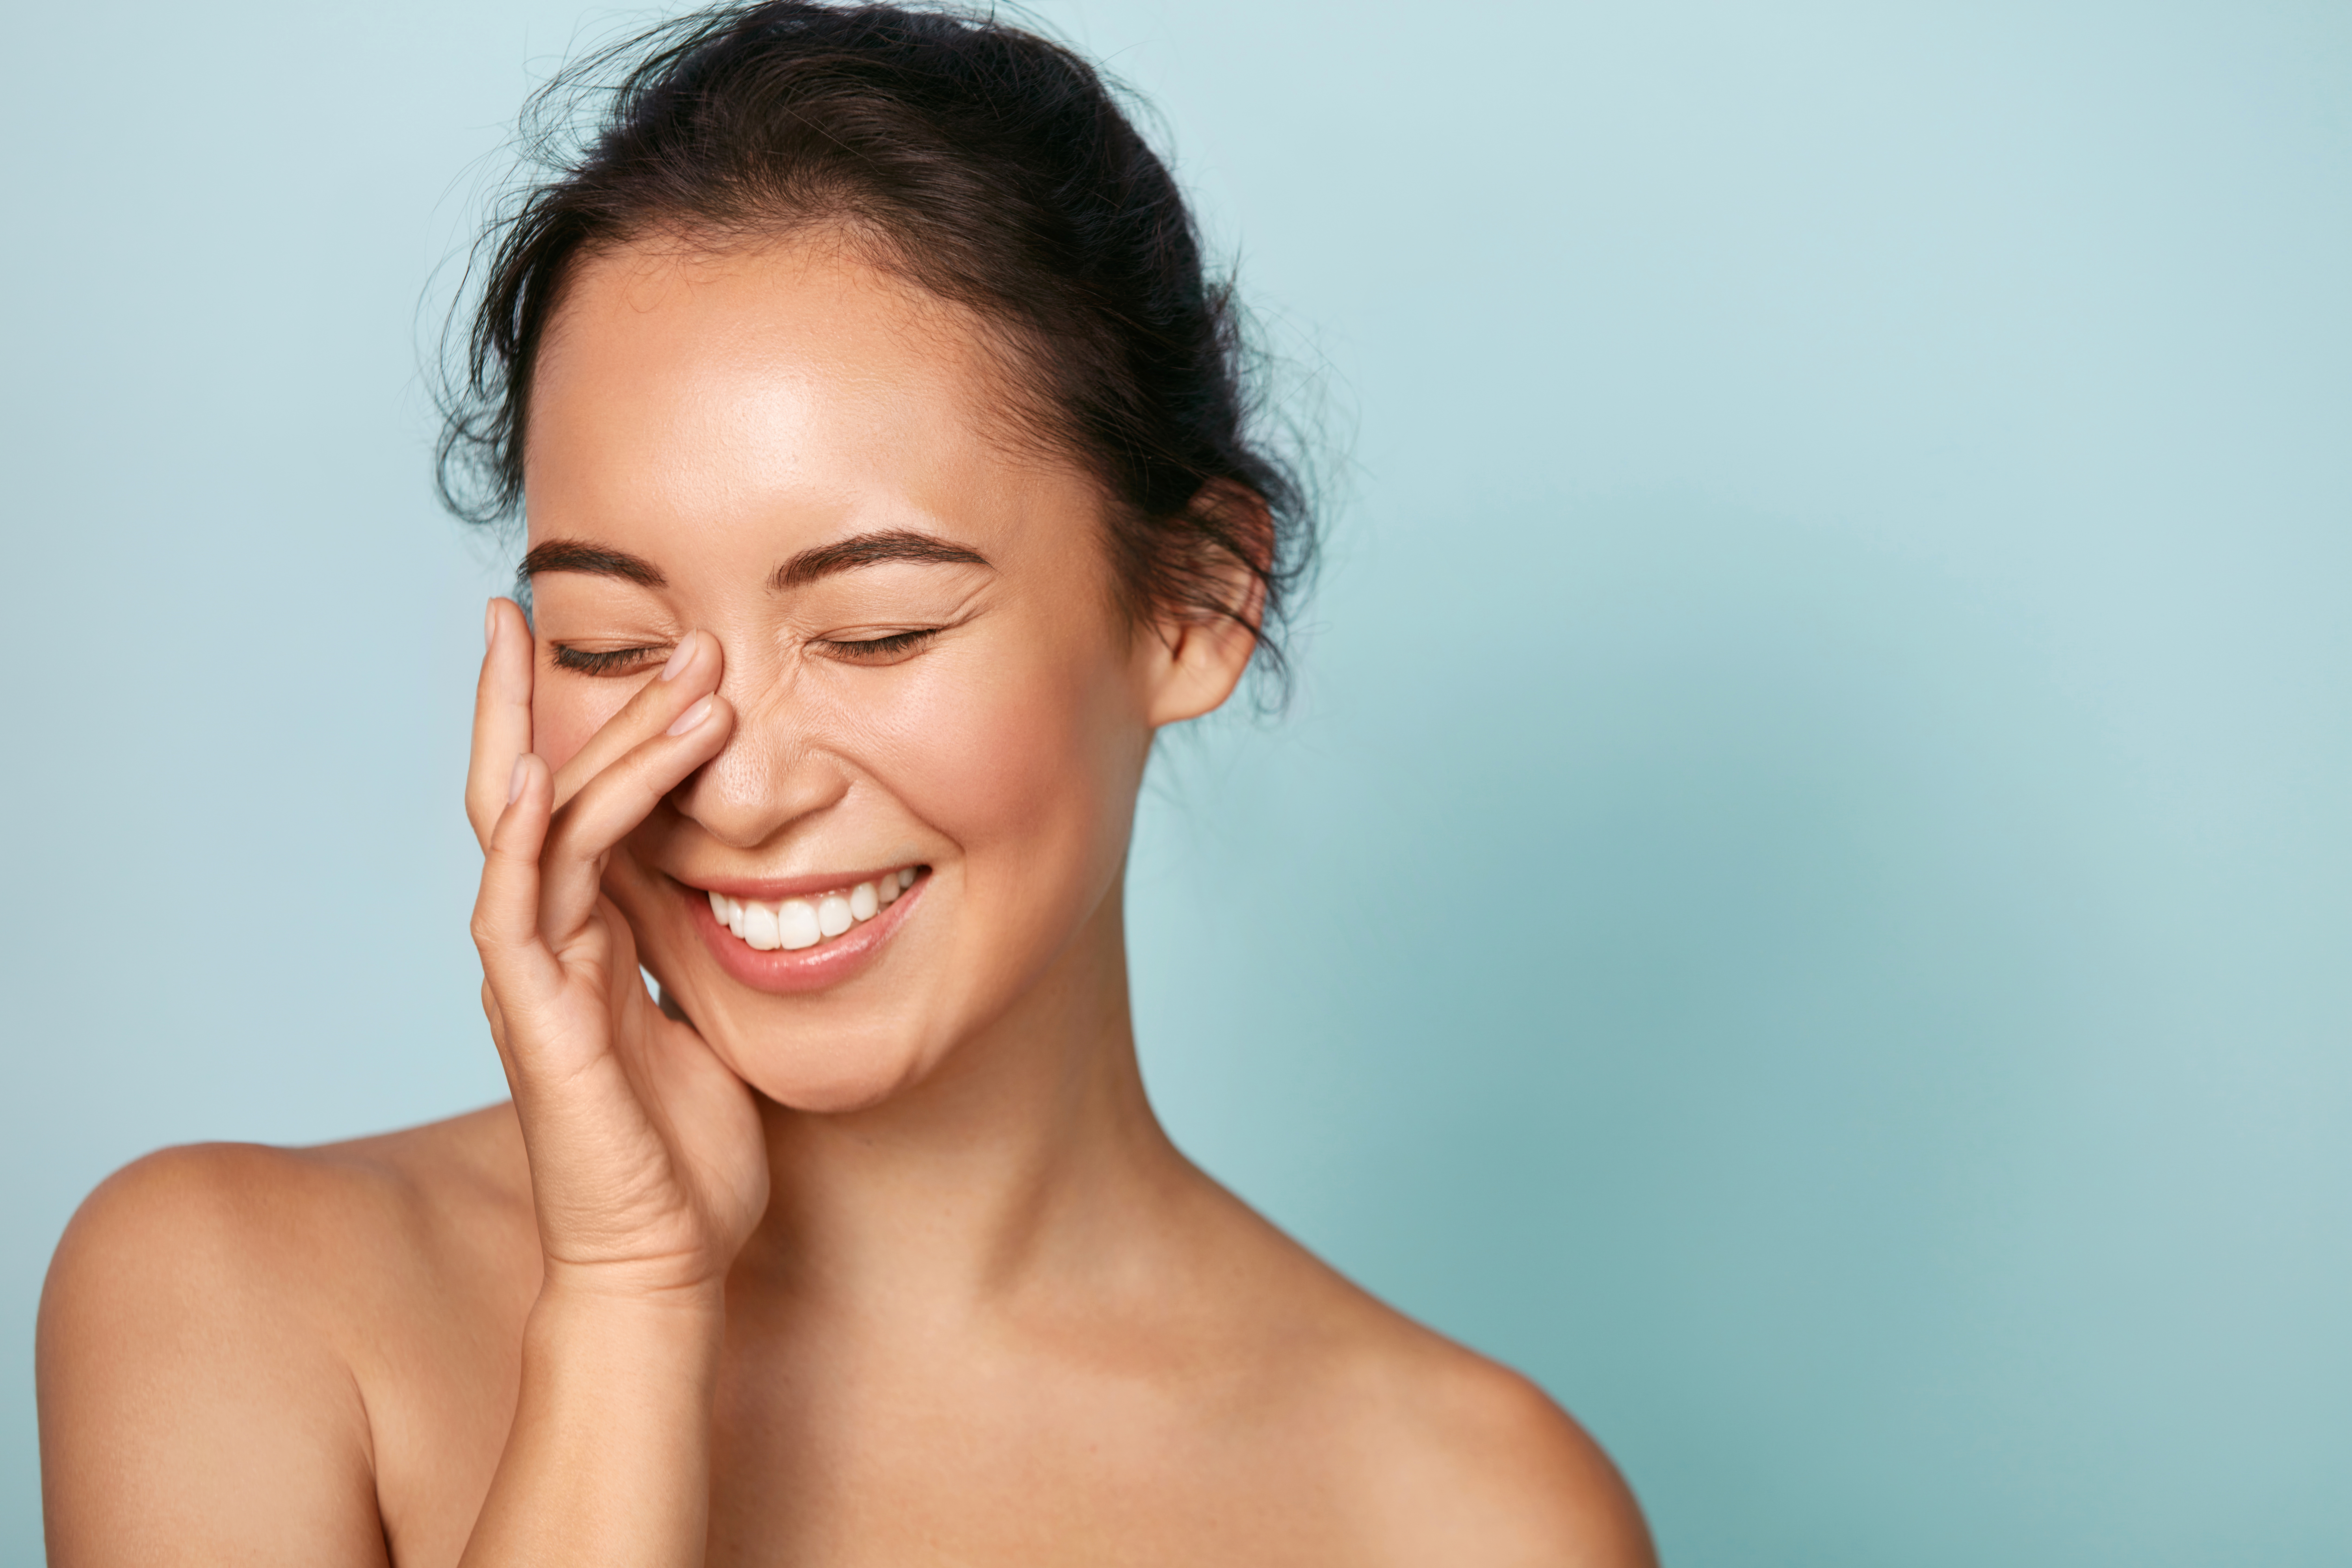 Les carilles dentals, què són i els seus usos